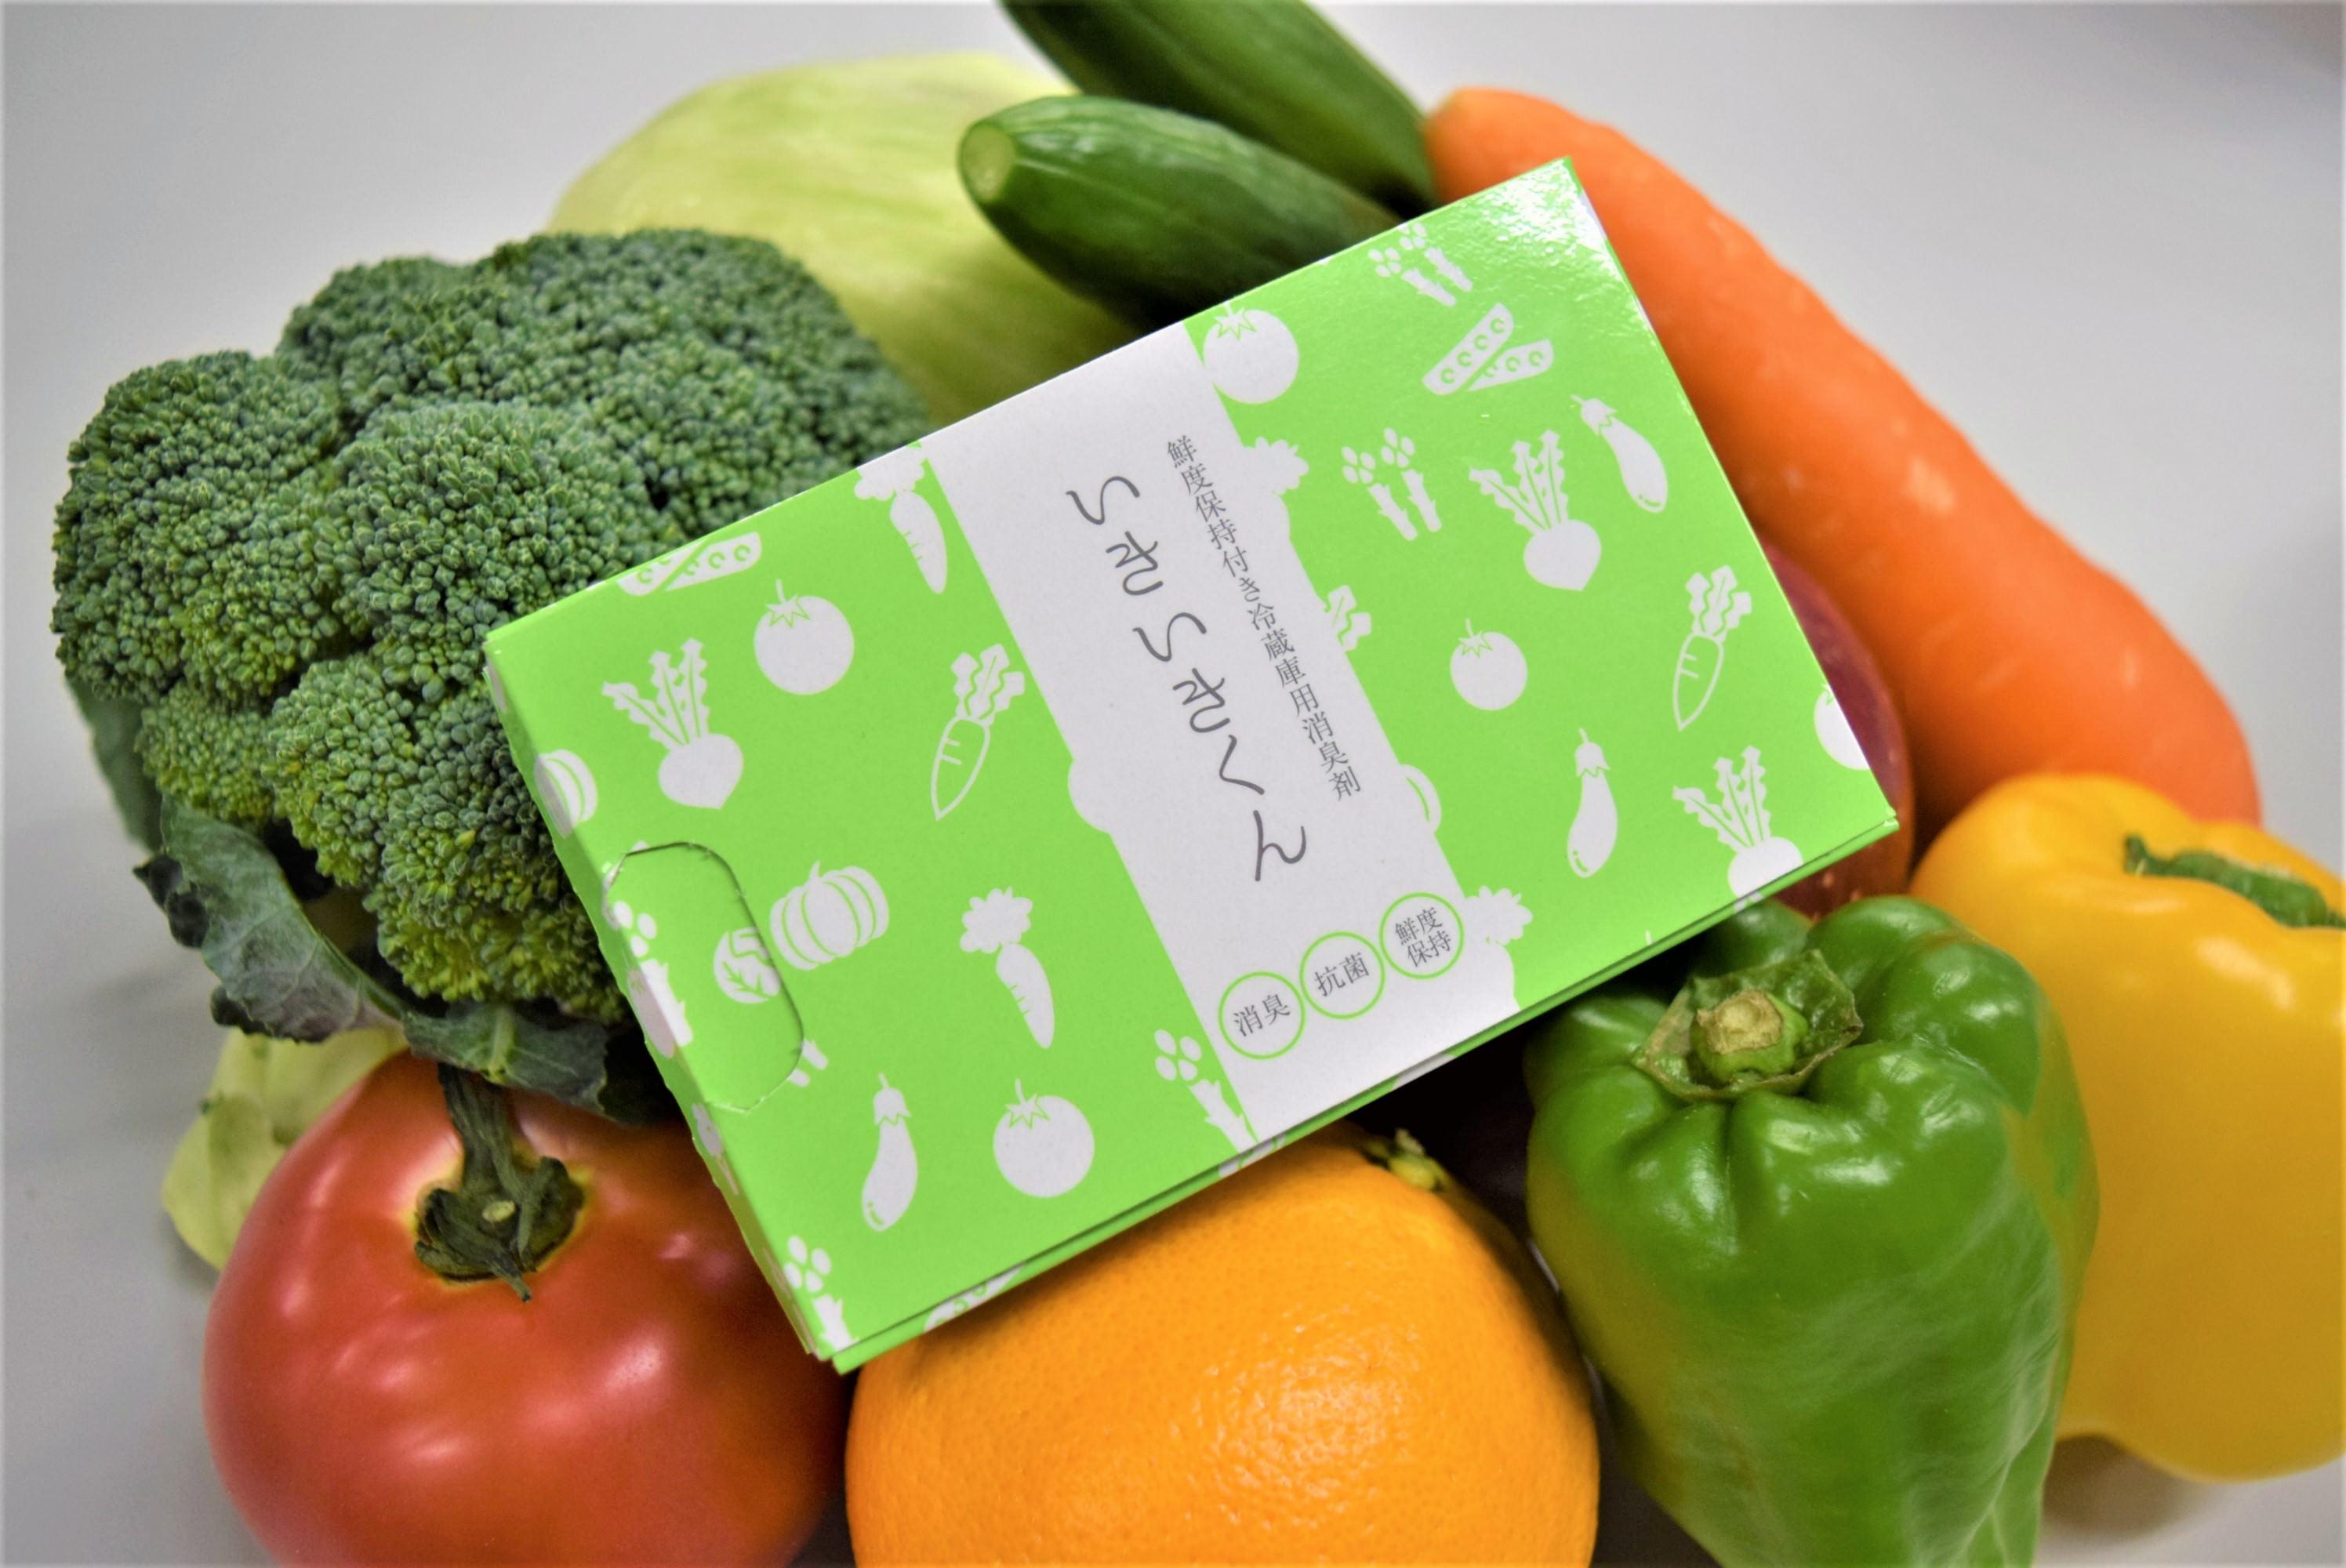 日本初のトリプル機能  ハイブリッドな野菜の鮮度保持と抗菌効果を備えた、 天然由来成分100%の冷蔵庫用消臭剤を10月1日に発売